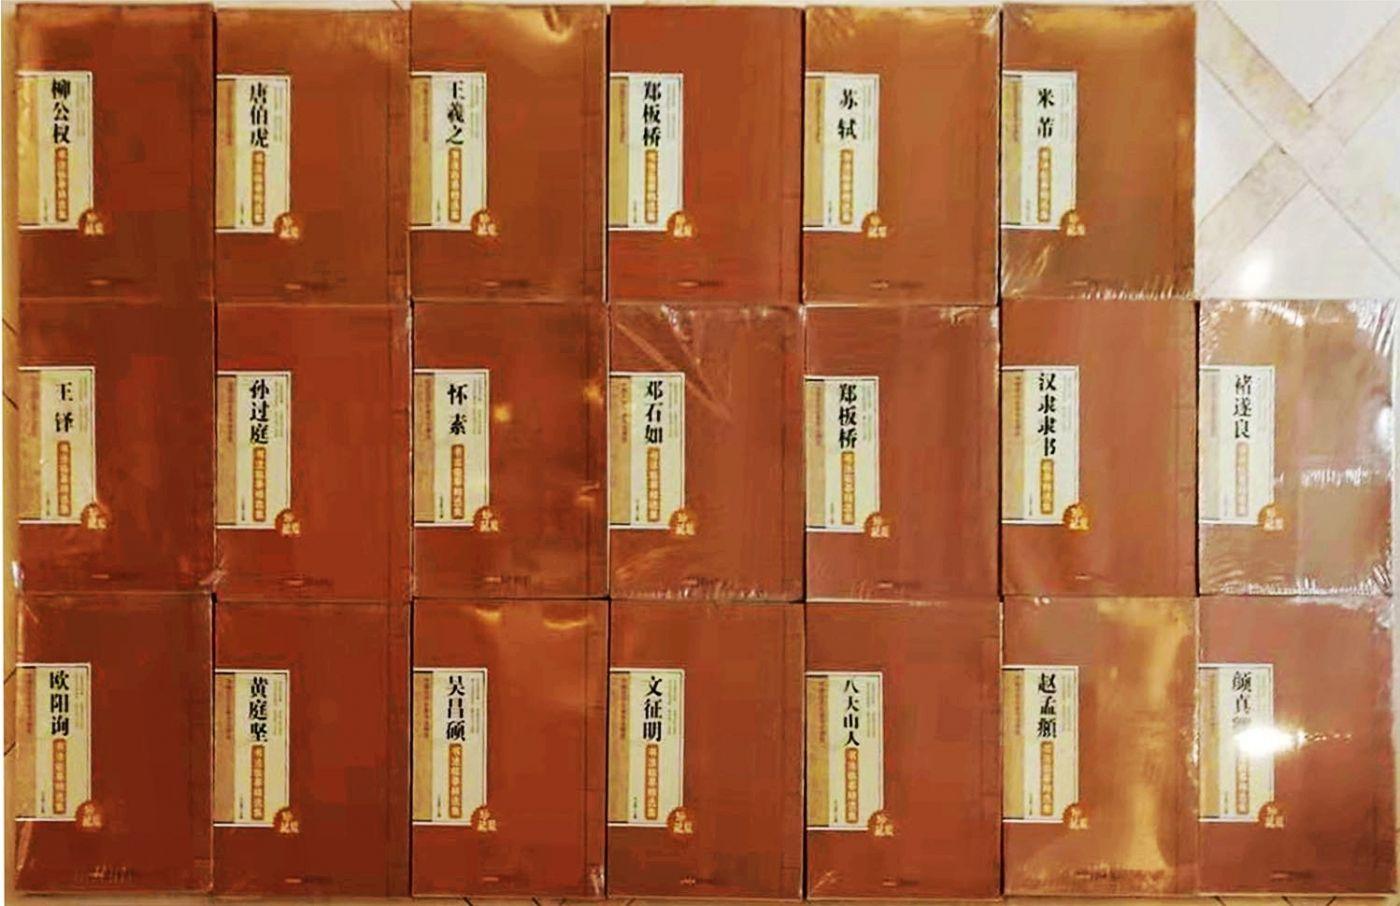 牛志高主编 【中国历代名家书法】 临摹精选集 一套20本_图1-3